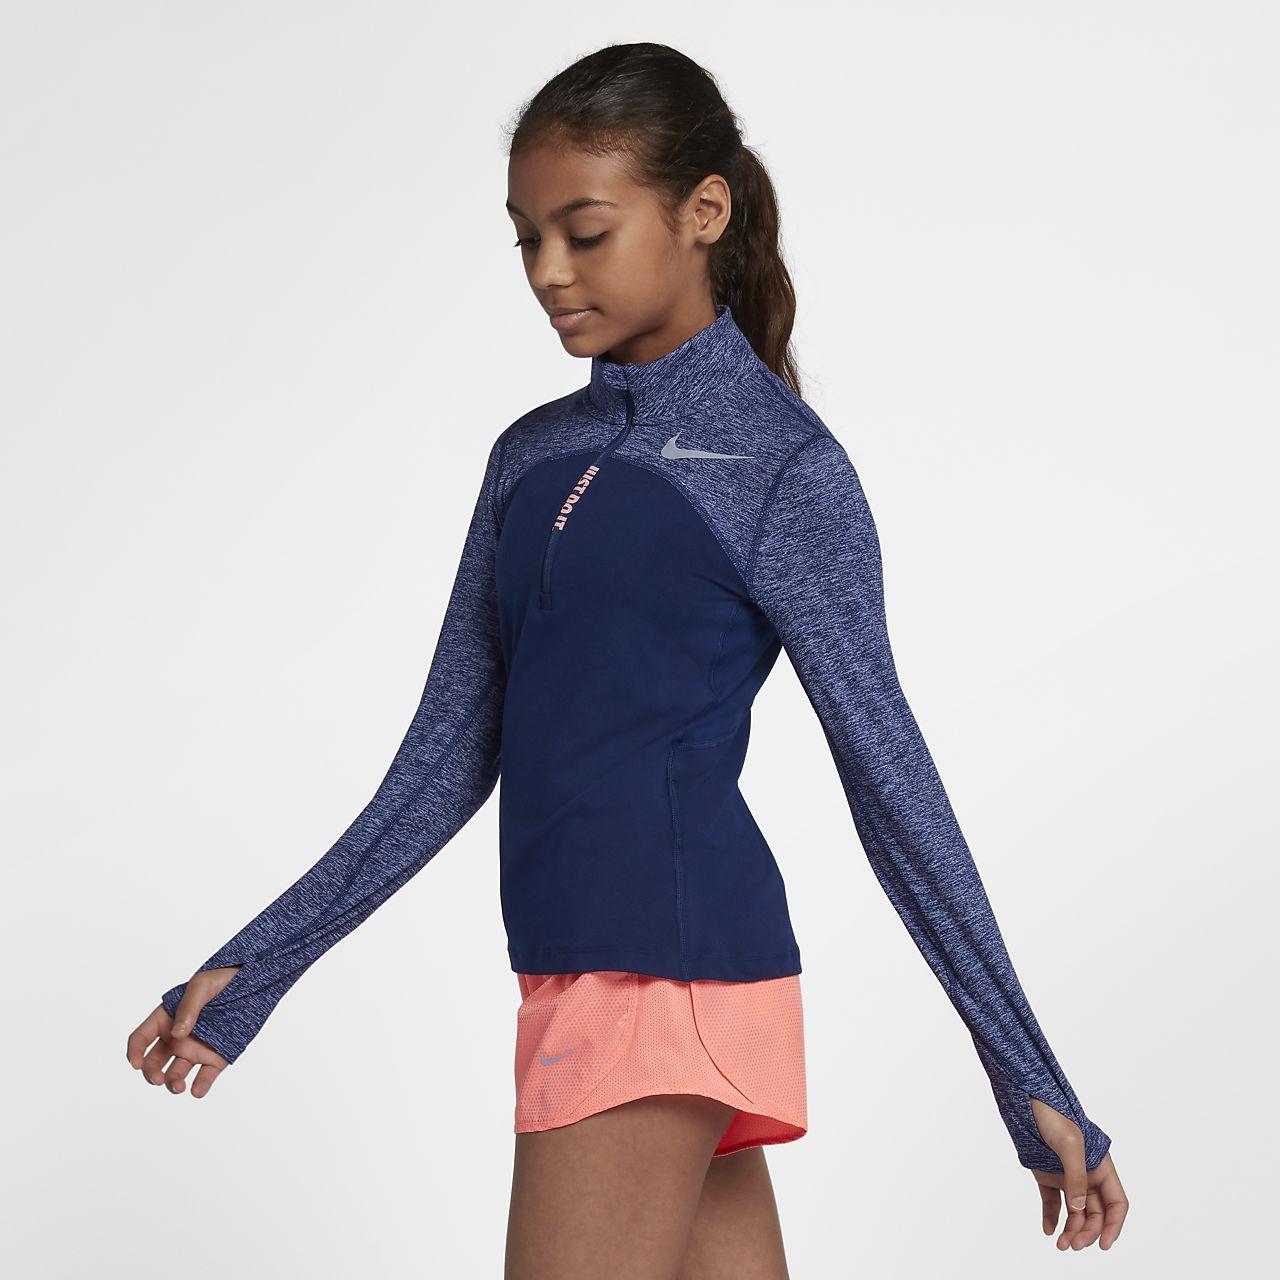 Nike Dri-FIT Laufoberteil mit Halbreißverschluss für ältere Kinder (Mädchen)